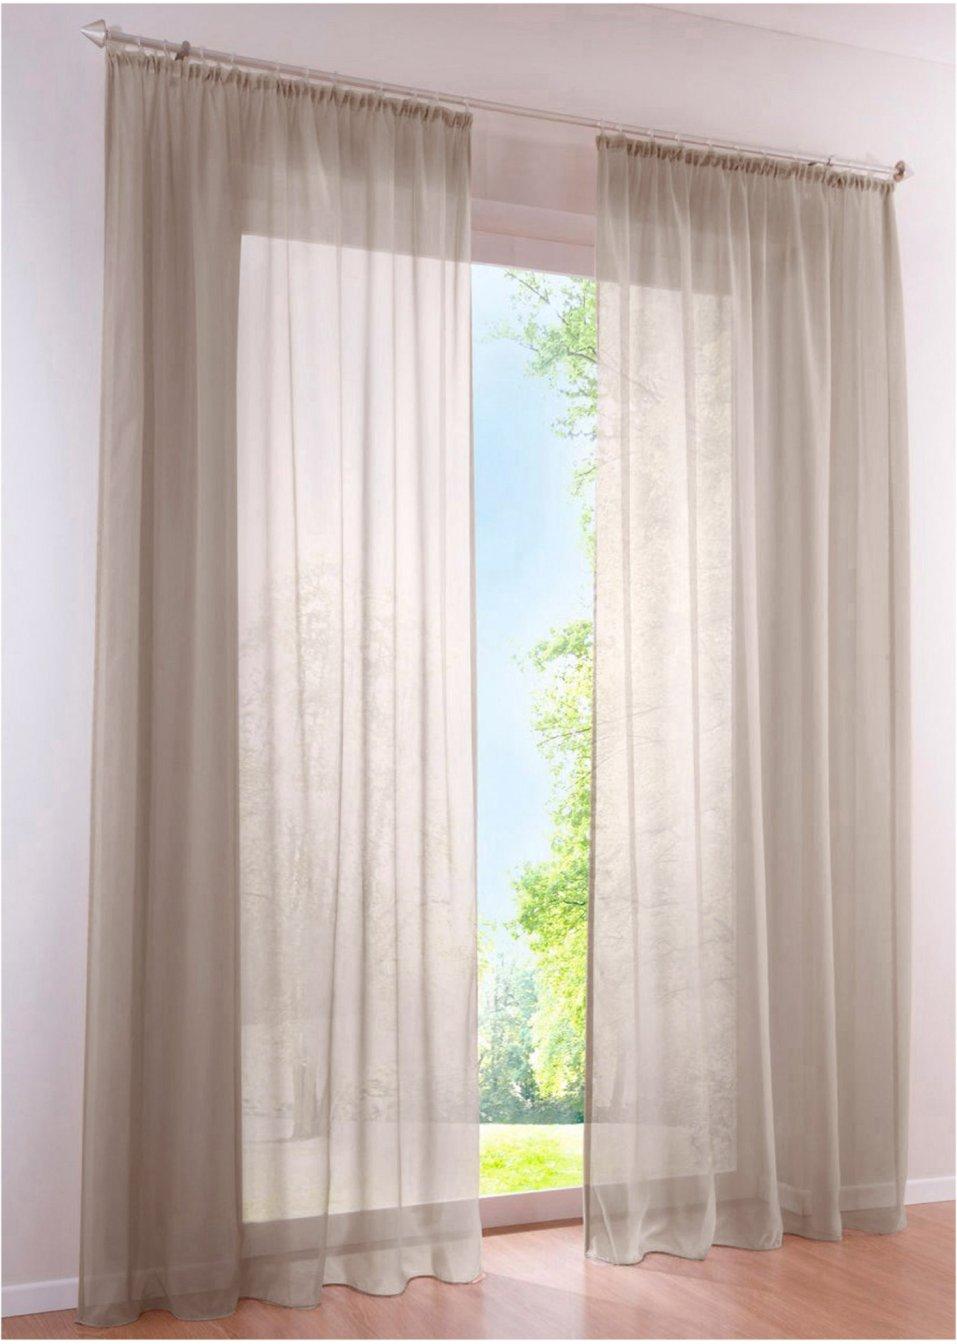 sch ne aussichten die transparente voile gardine uni in tollen farben taupe kr uselband. Black Bedroom Furniture Sets. Home Design Ideas